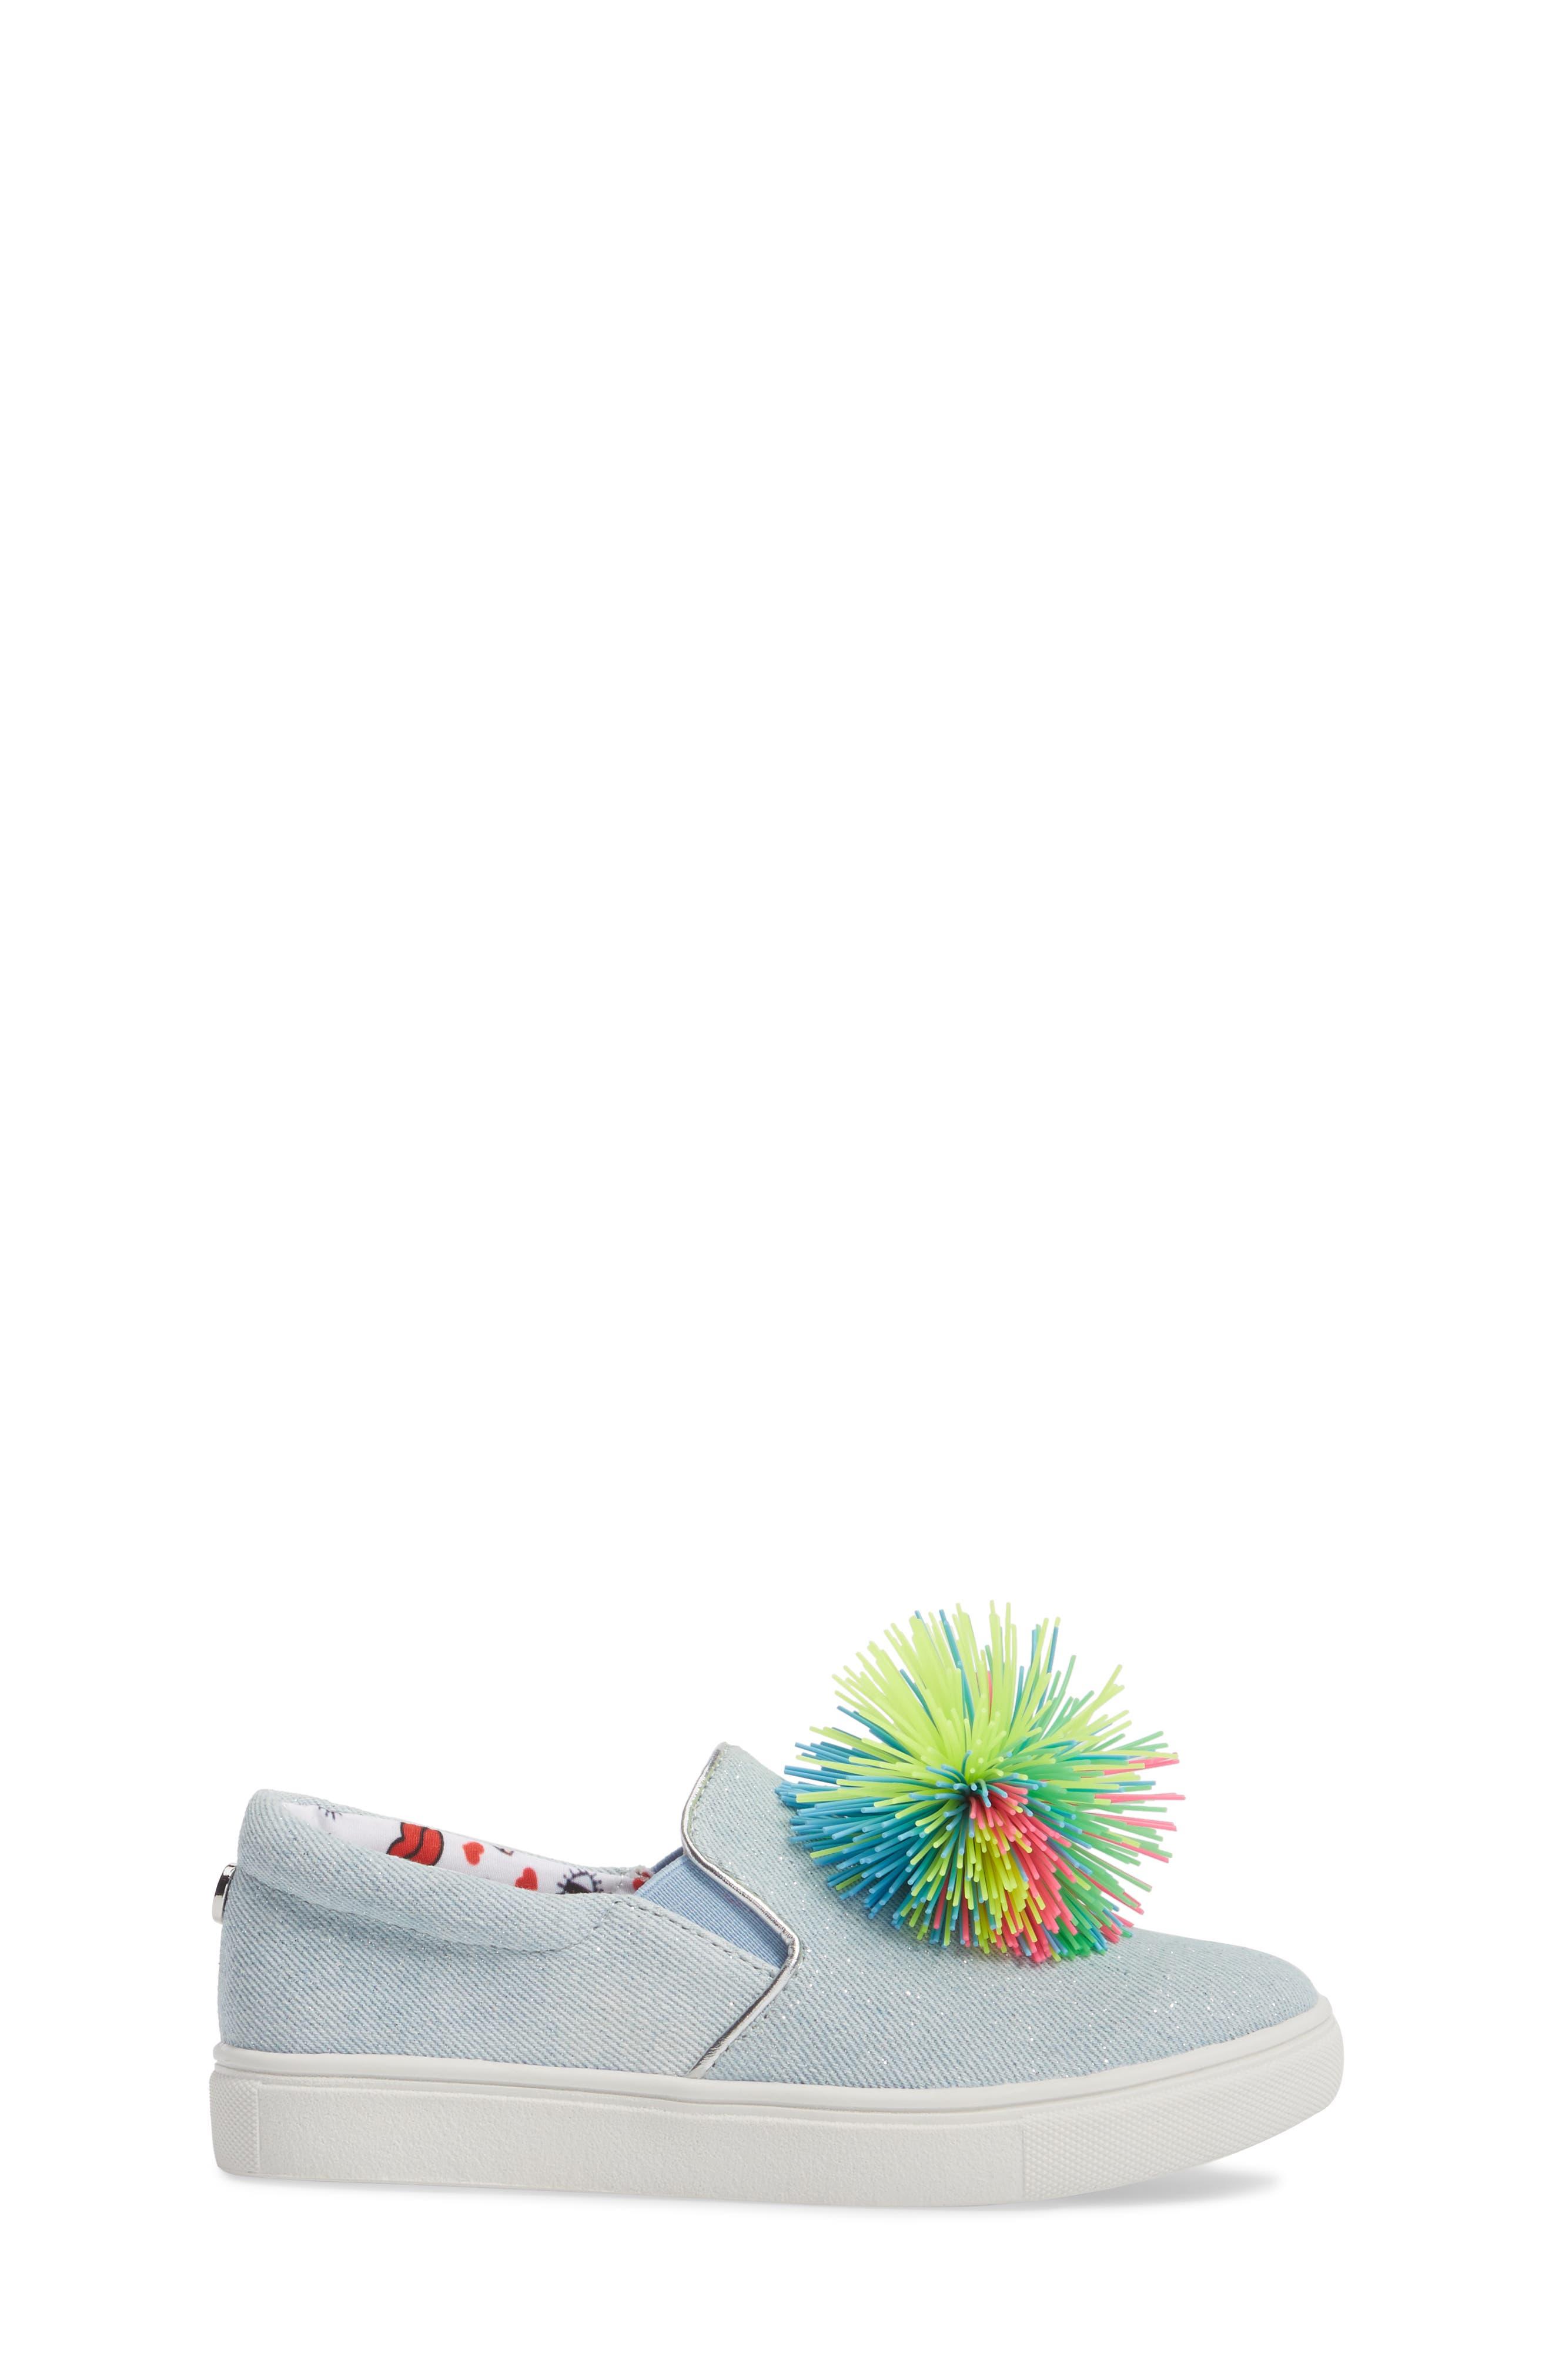 Alternate Image 3  - Steve Madden Pompom Slip-On Sneaker (Little Kid & Big Kid)